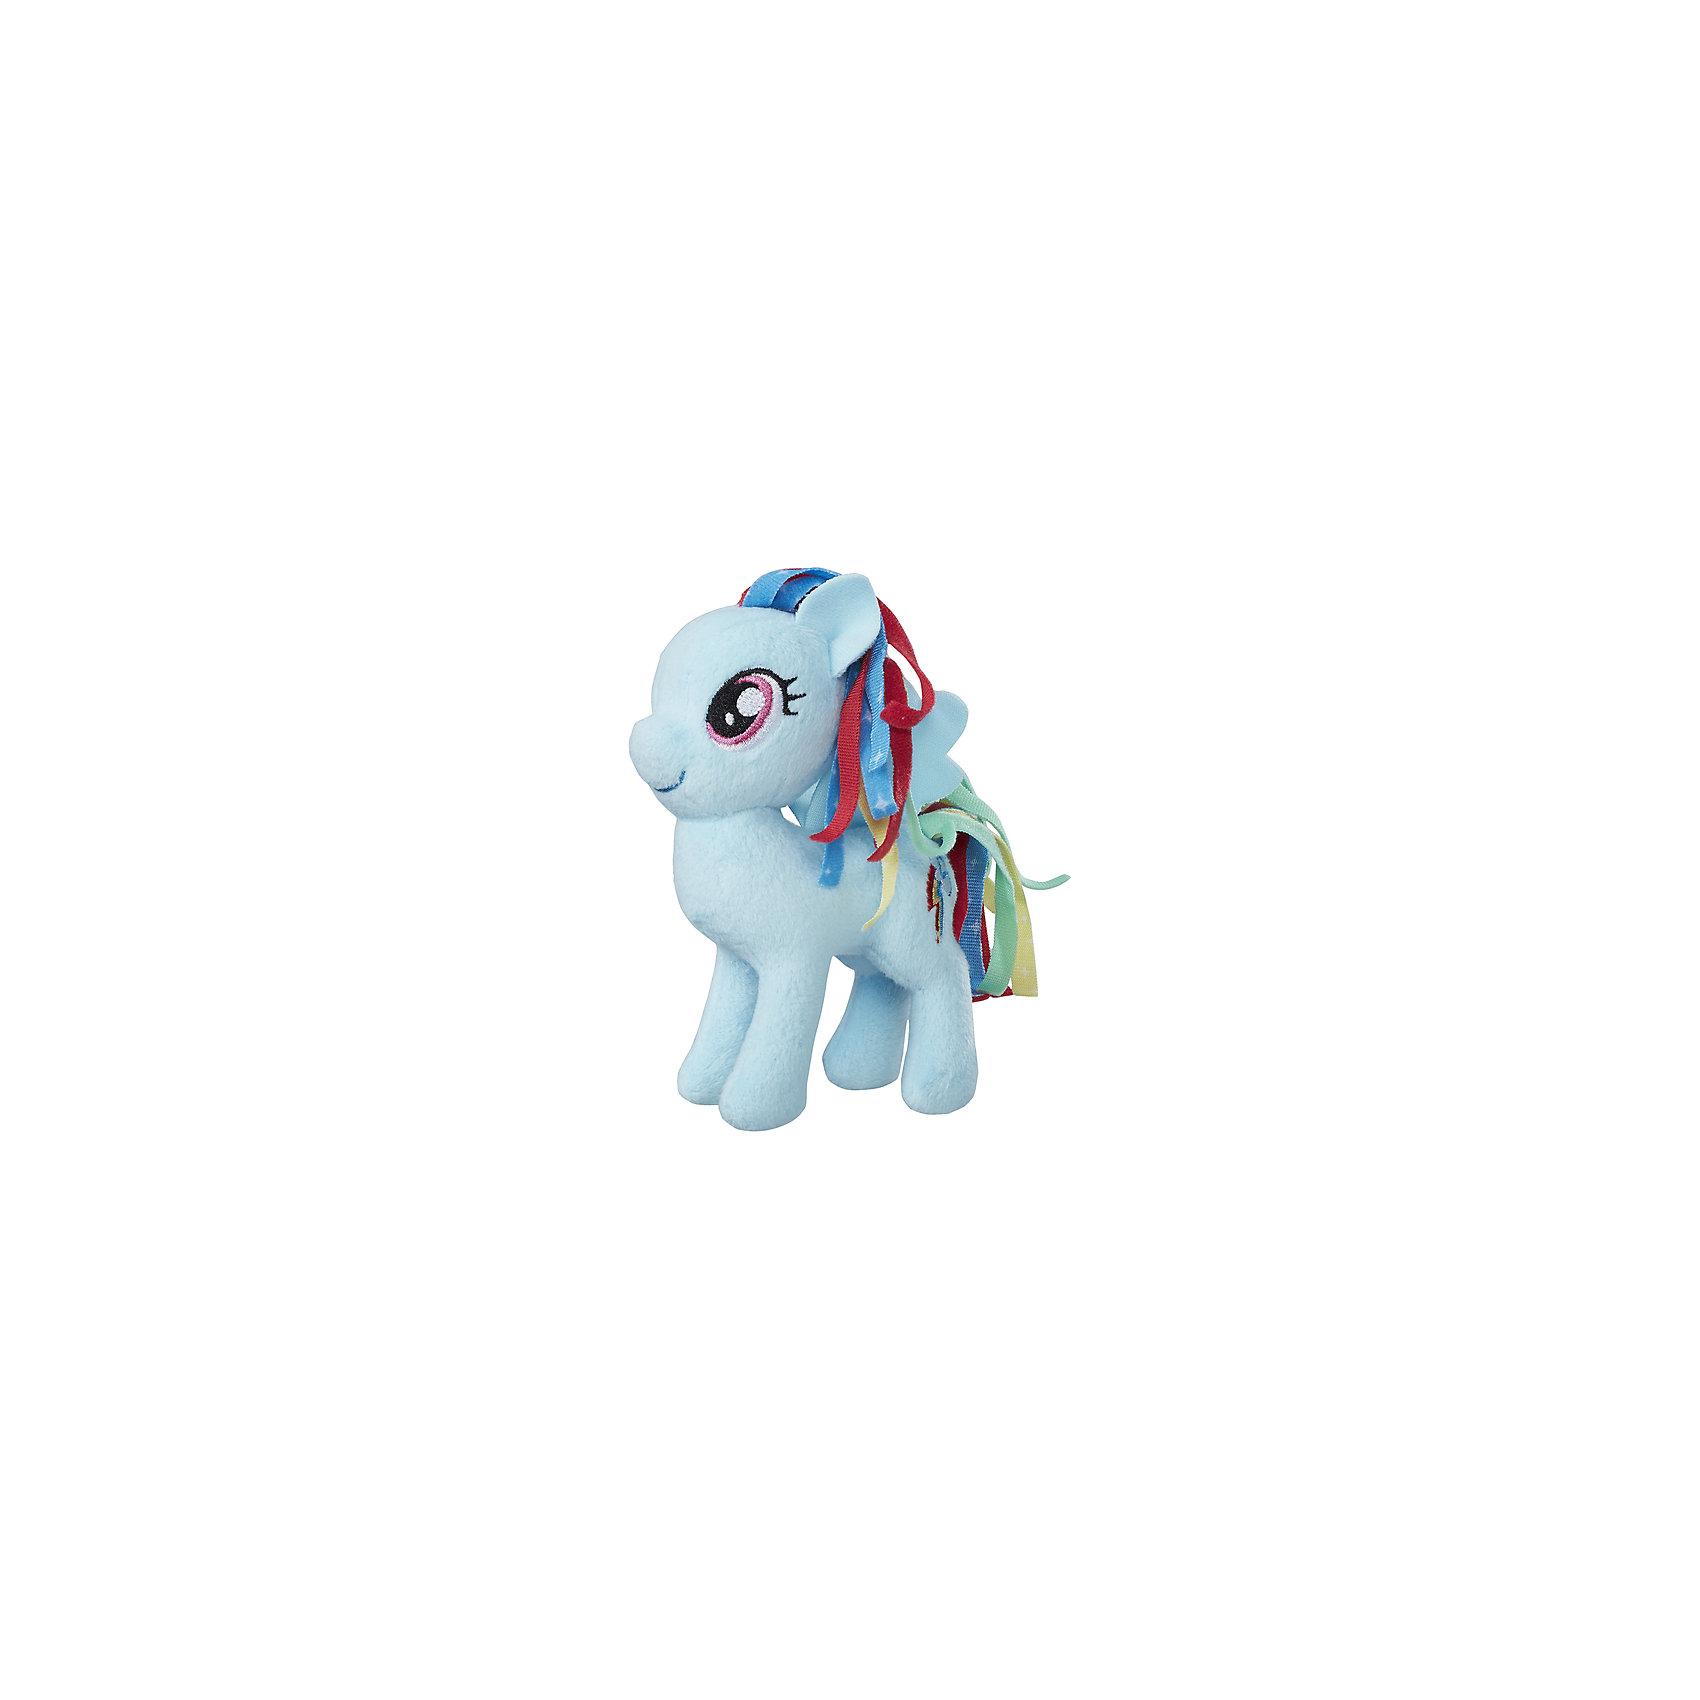 Мягкая игрушка Hasbro My little Pony Маленькие плюшевые пони, Рэйнбоу Дэш 13 смМягкие игрушки из мультфильмов<br><br><br>Ширина мм: 102<br>Глубина мм: 102<br>Высота мм: 127<br>Вес г: 39<br>Возраст от месяцев: 36<br>Возраст до месяцев: 2147483647<br>Пол: Женский<br>Возраст: Детский<br>SKU: 7140848